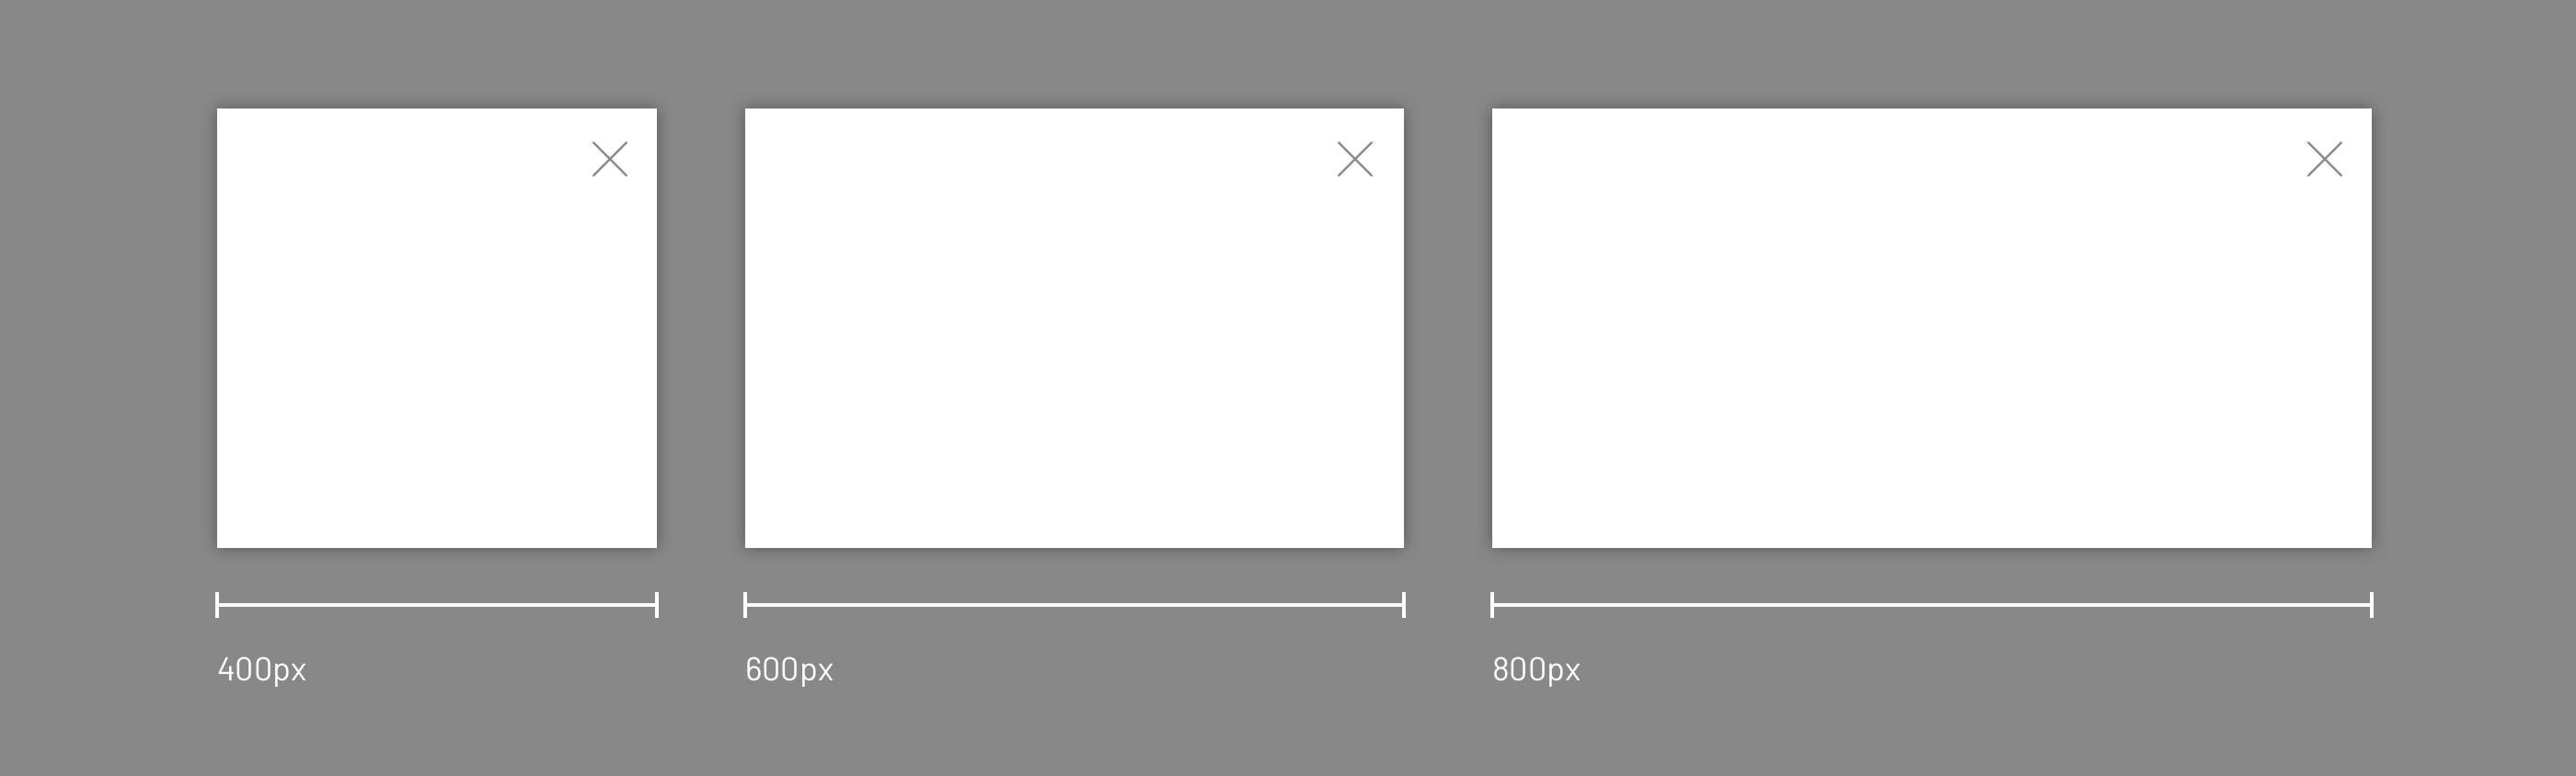 提供三种不同宽度的模式窗口